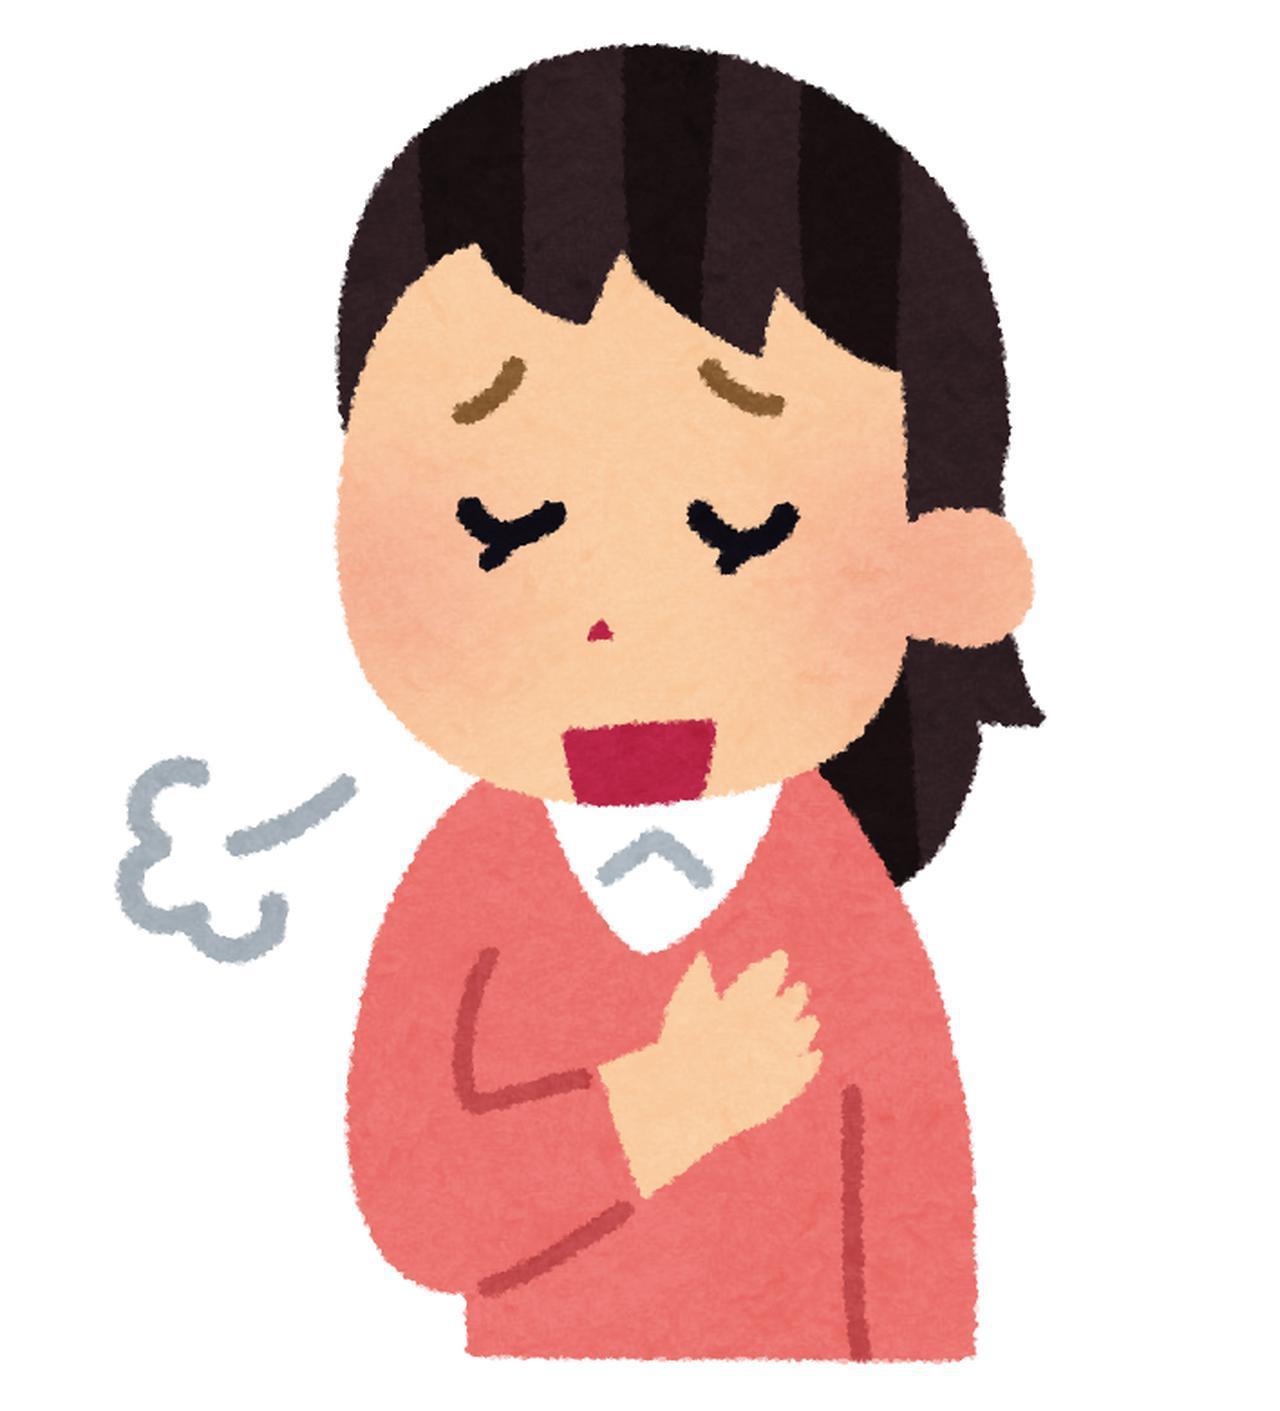 画像5: キュン死注意!ふわふわモフモフ大集合!<第1回>「可愛い動物の赤ちゃんシリーズ・ライオン編」【好奇心で旅する海外】<来た来た!アニマル>